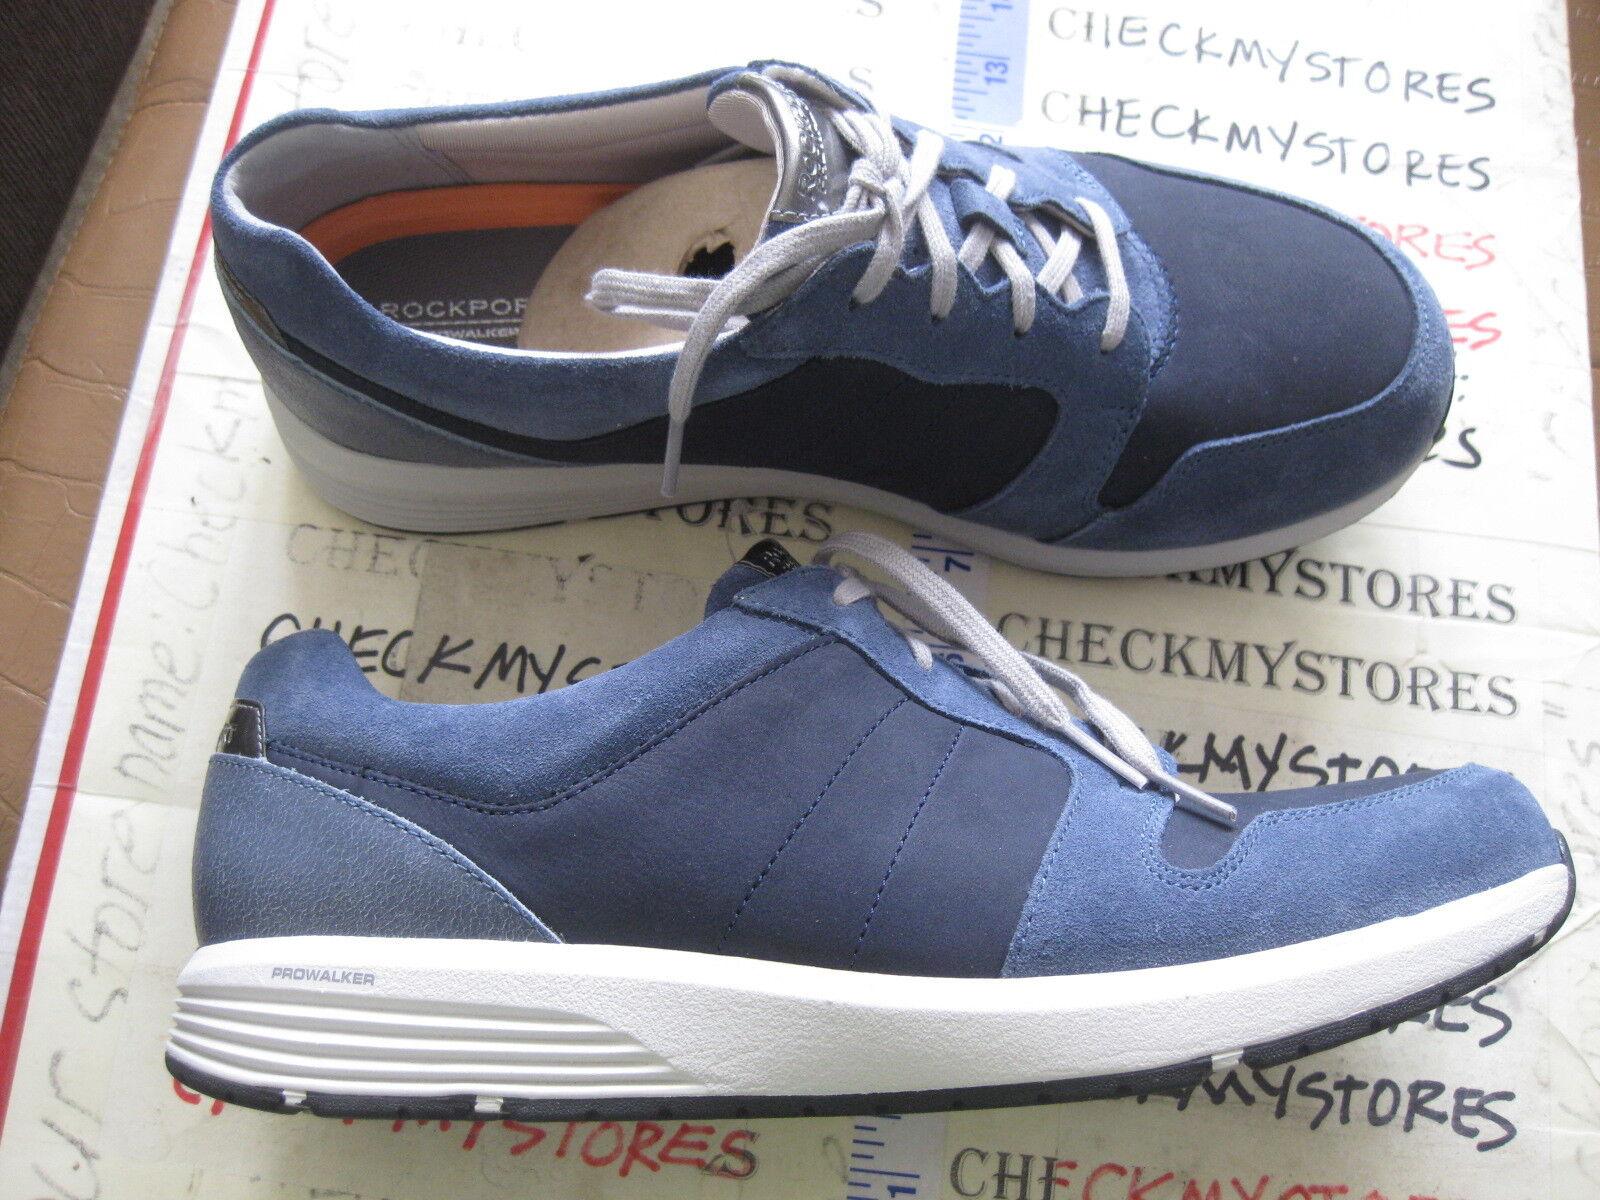 Mujeres Rockport trustride Derby entrenador BX2301 Comfort Zapatos Atléticos elegir Tamaño